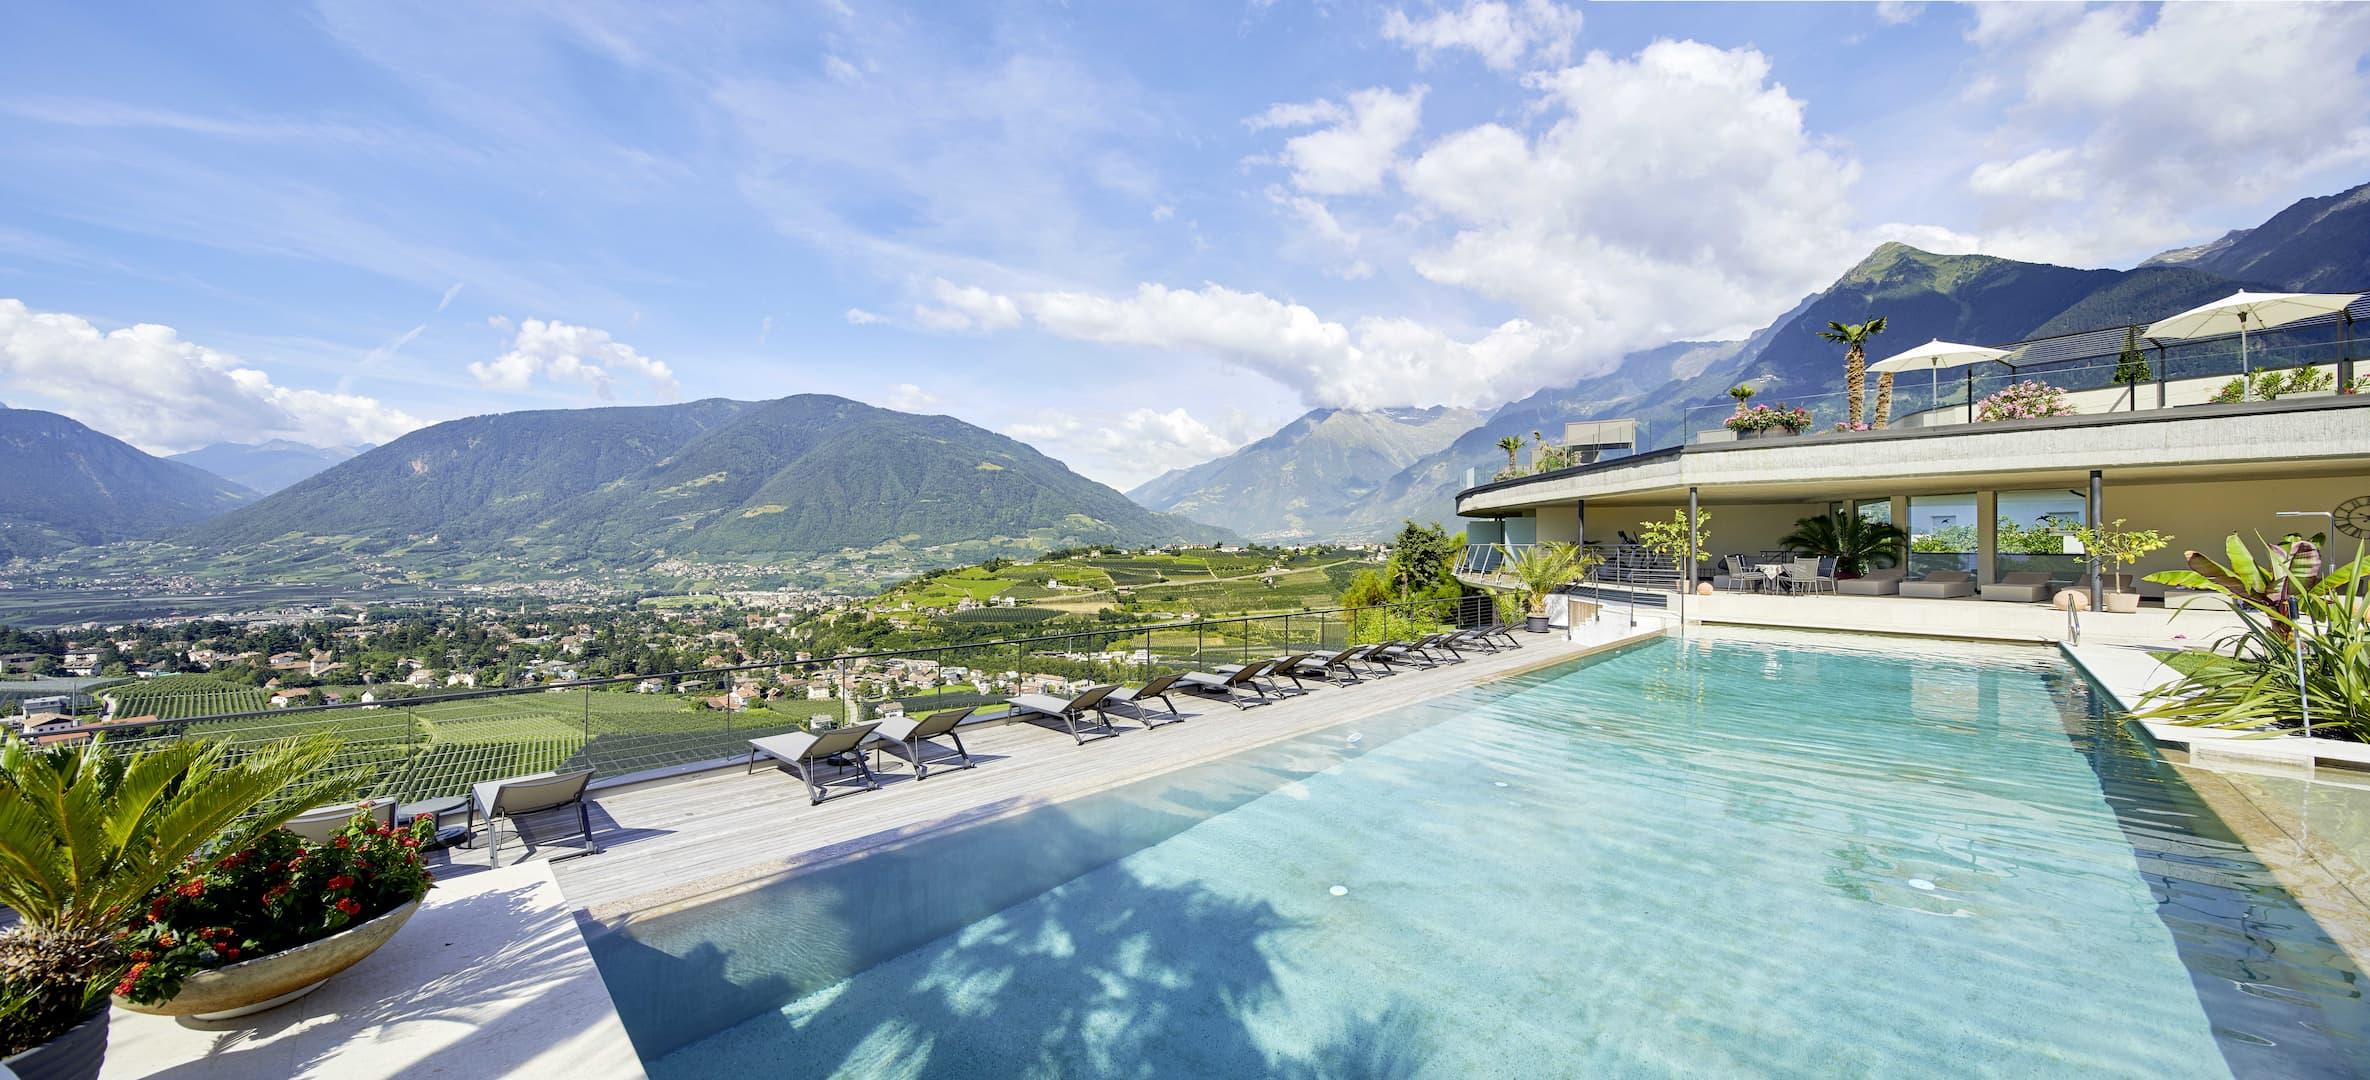 Schenna Hotels   Eschenlohe & Alpin